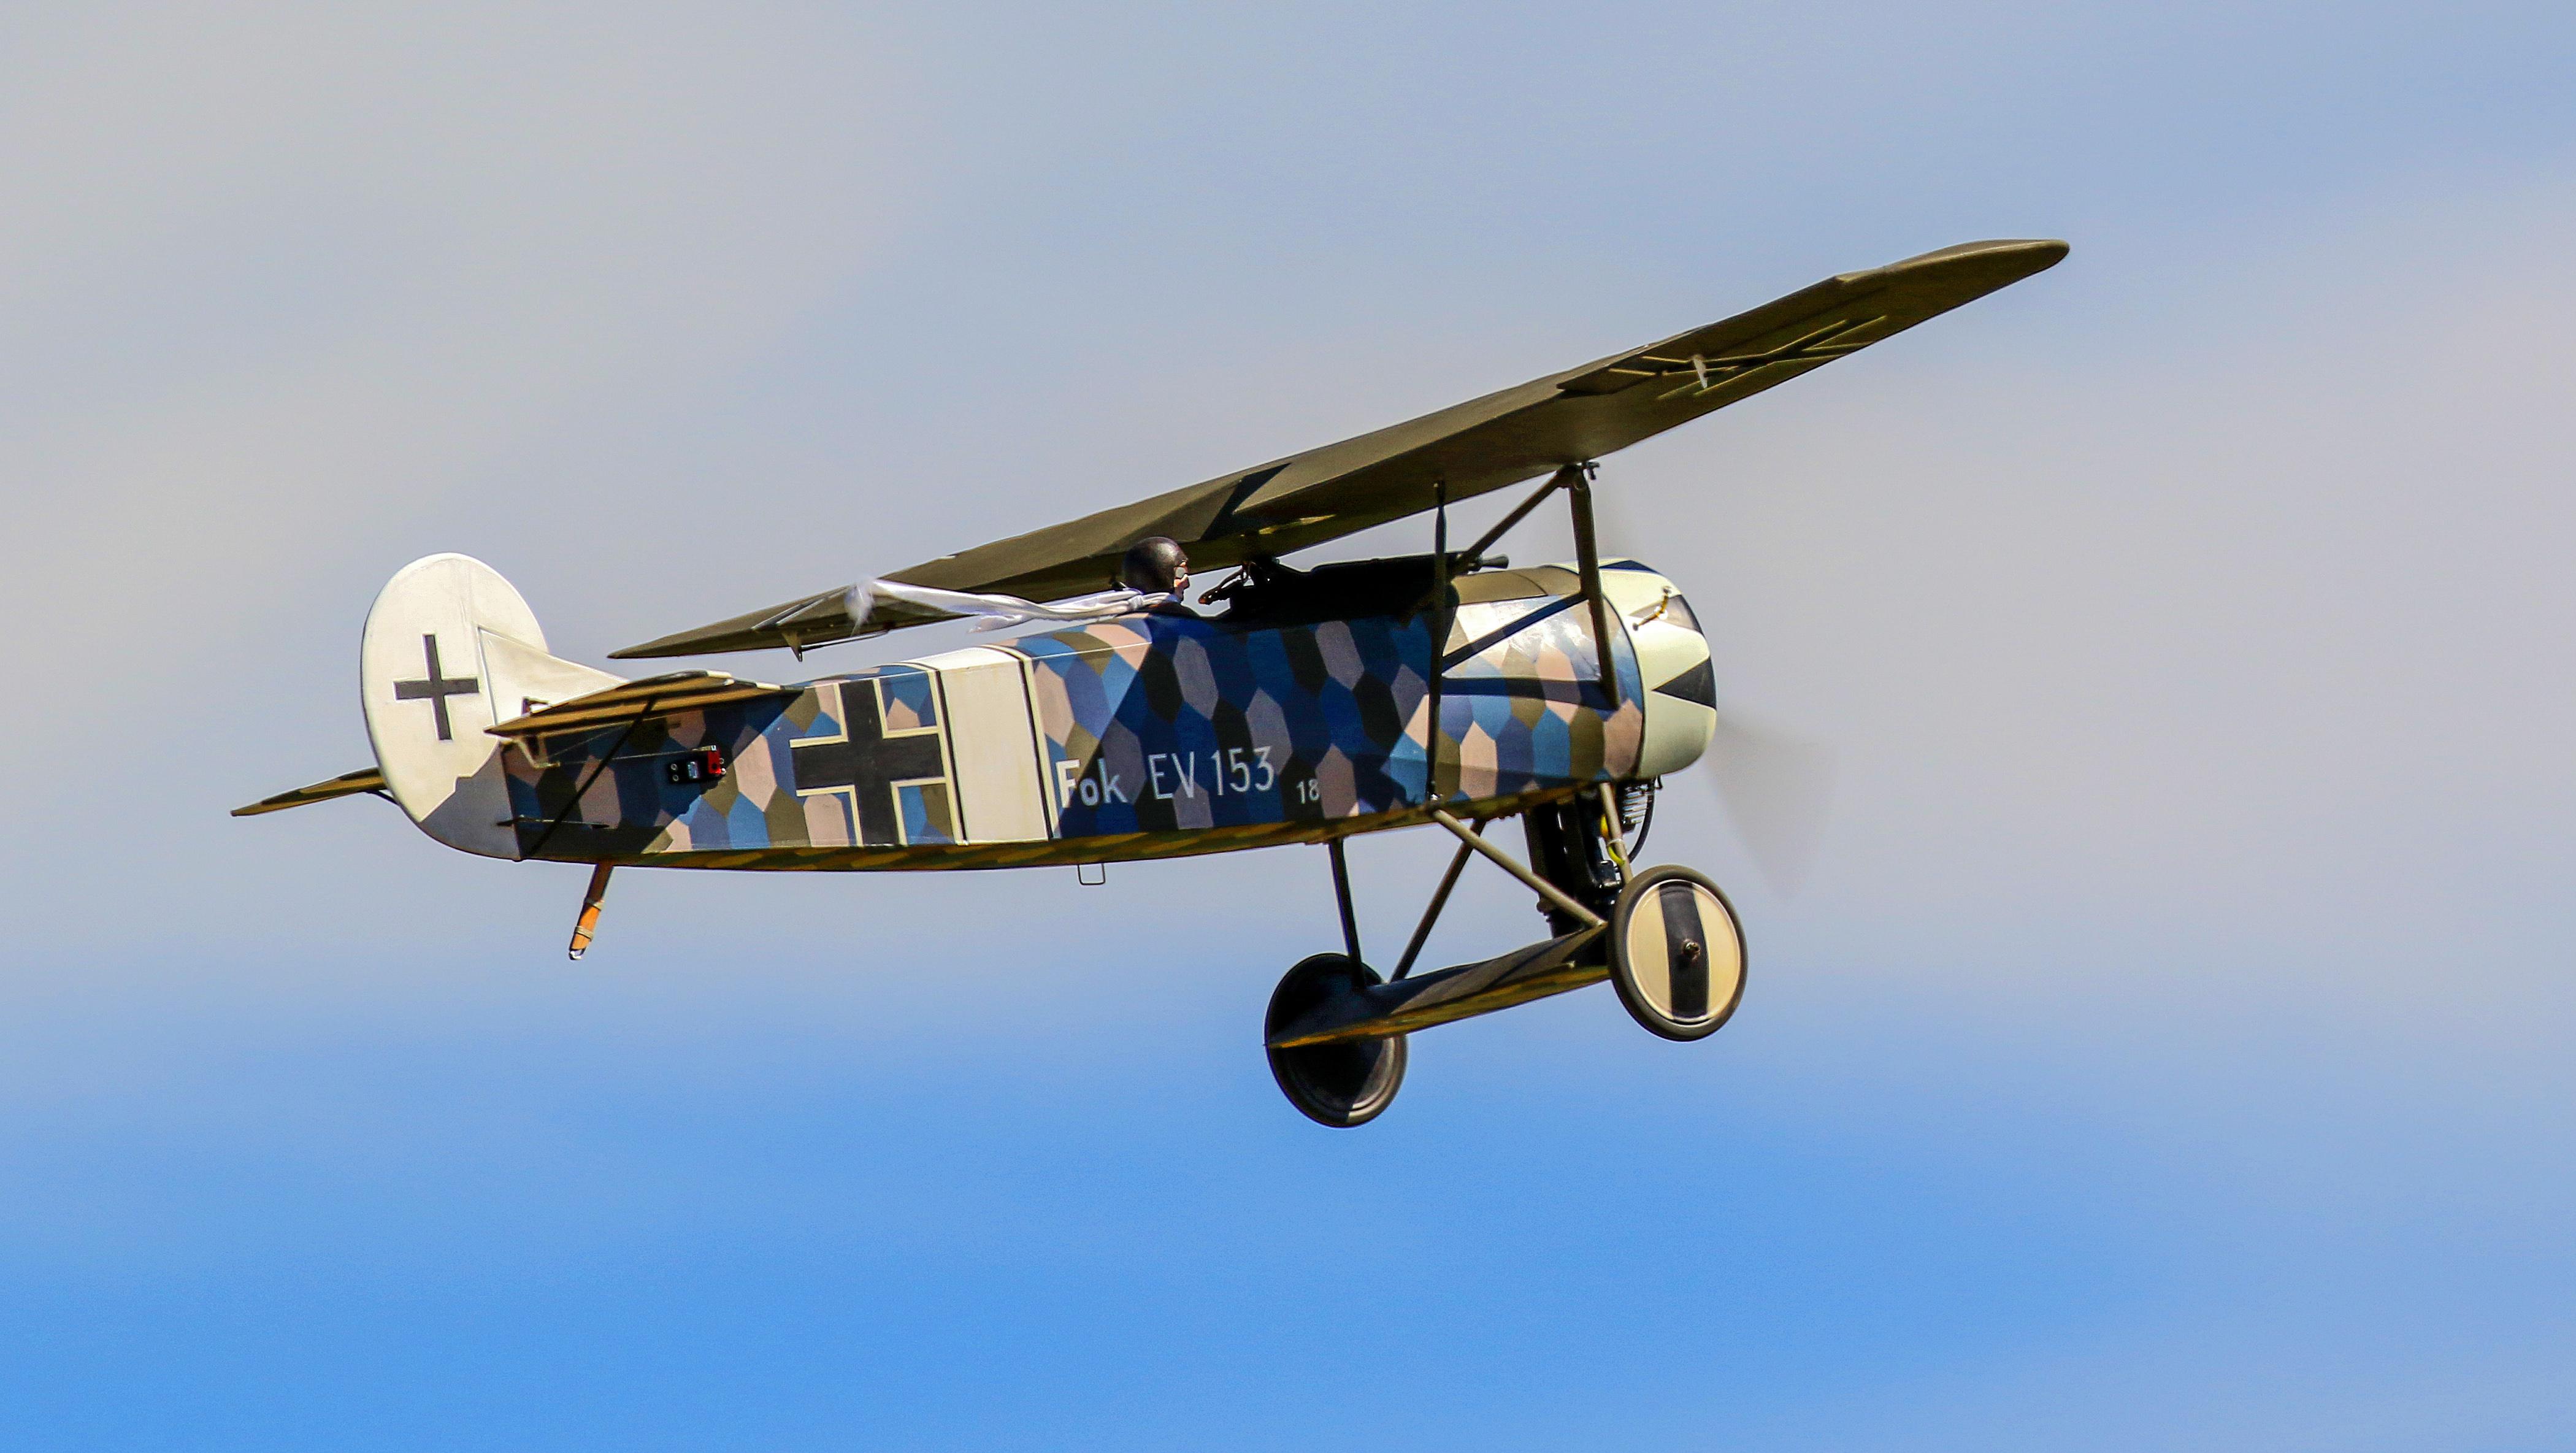 Fokker EV LowRes